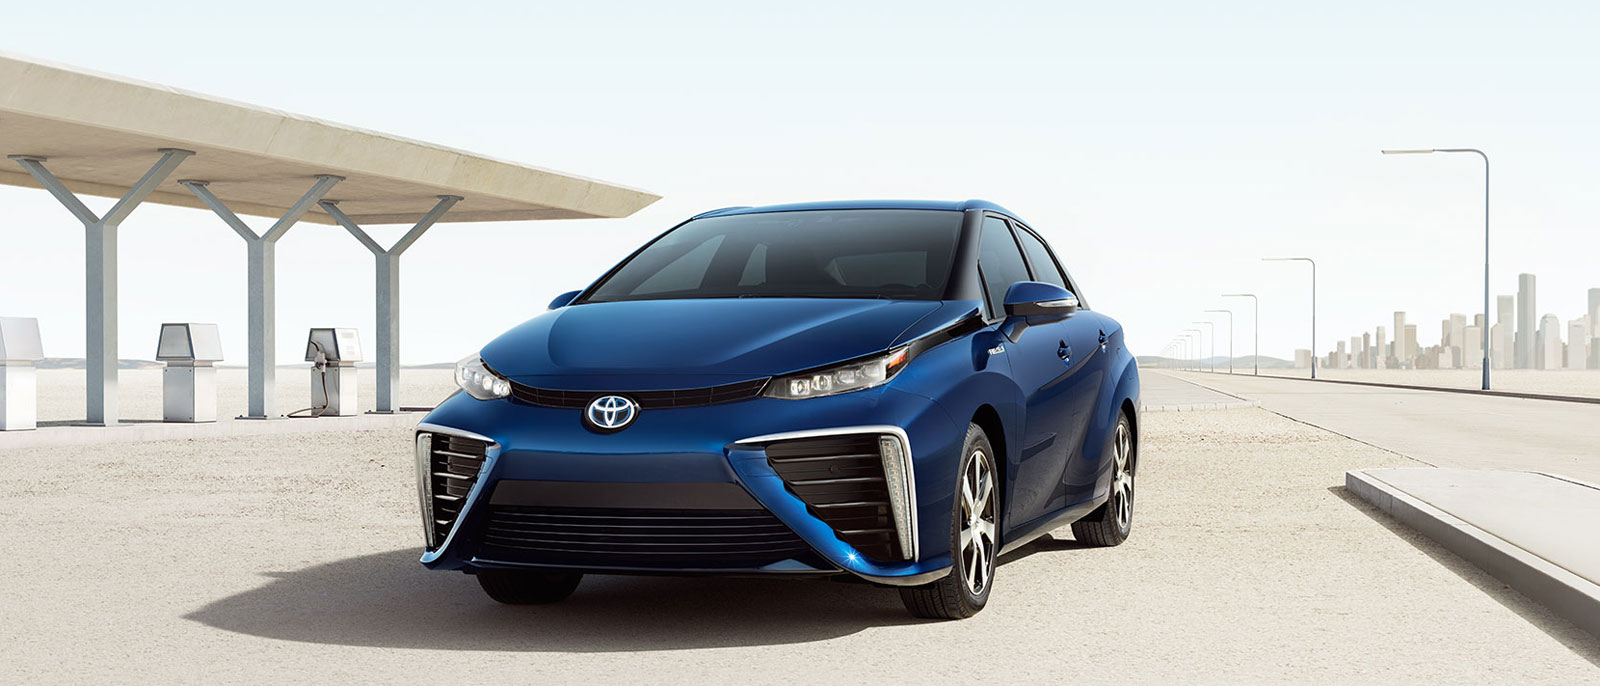 2016 Toyota Mirai